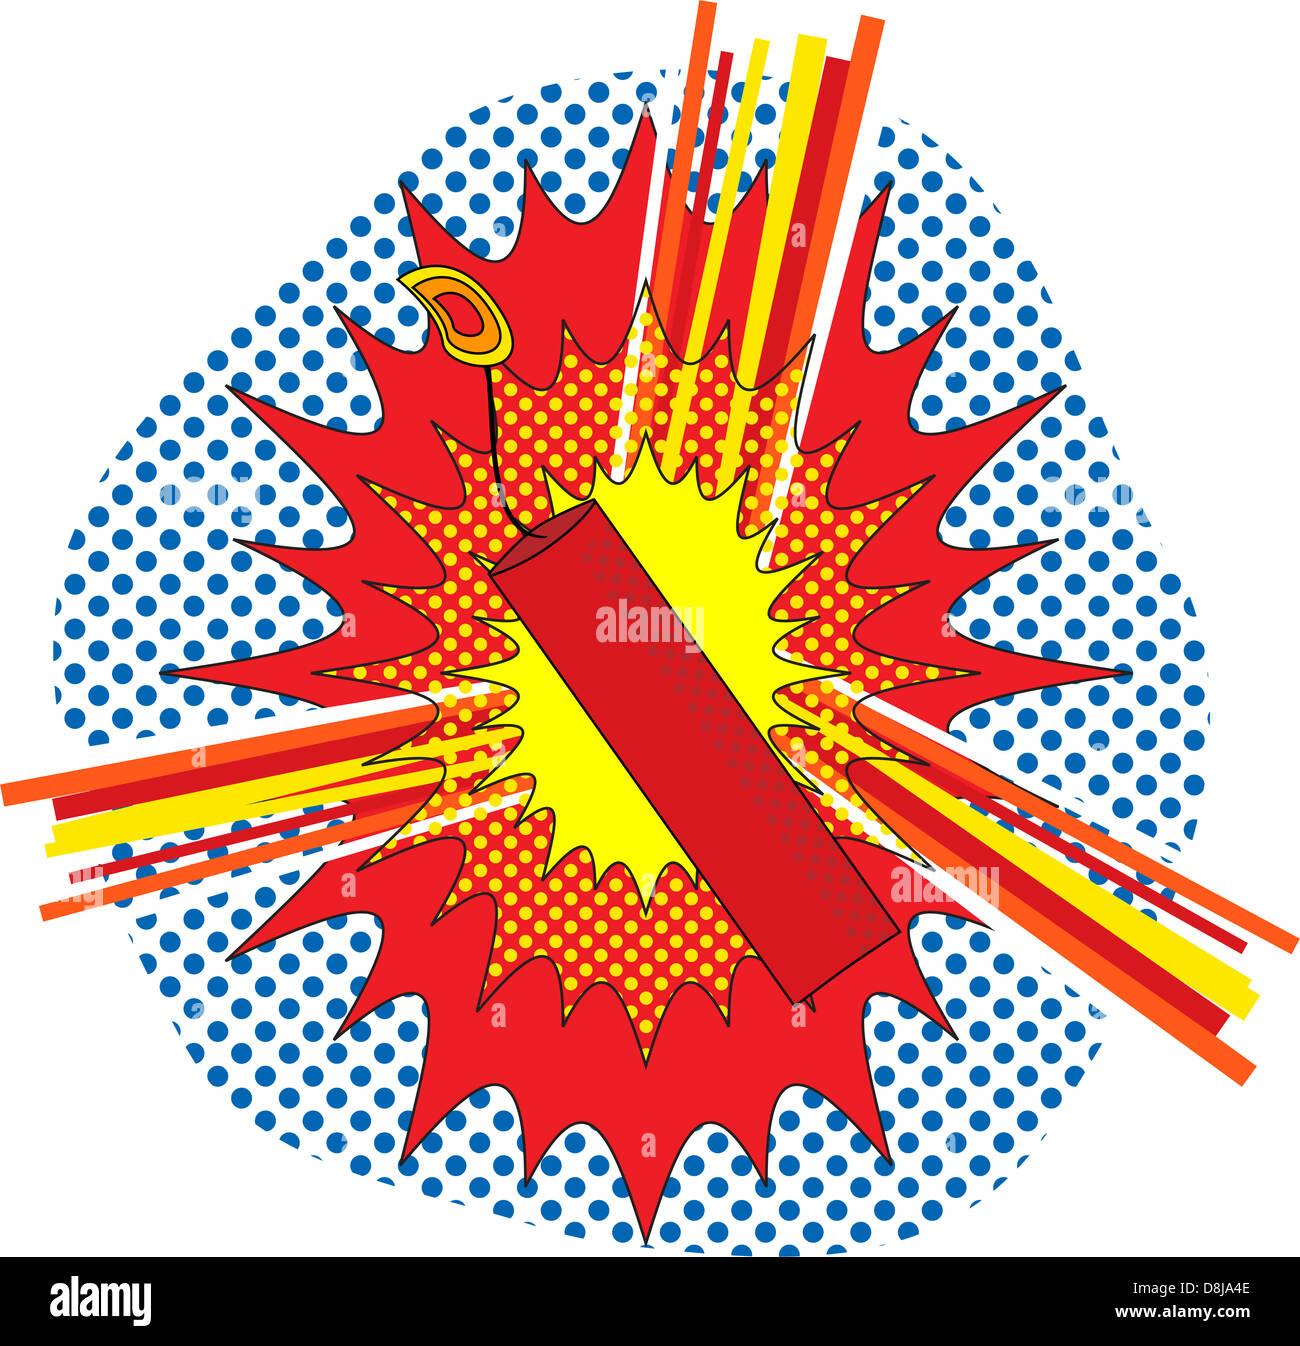 TNT Dynamate in a pop art cartoon explosive style - Stock Image